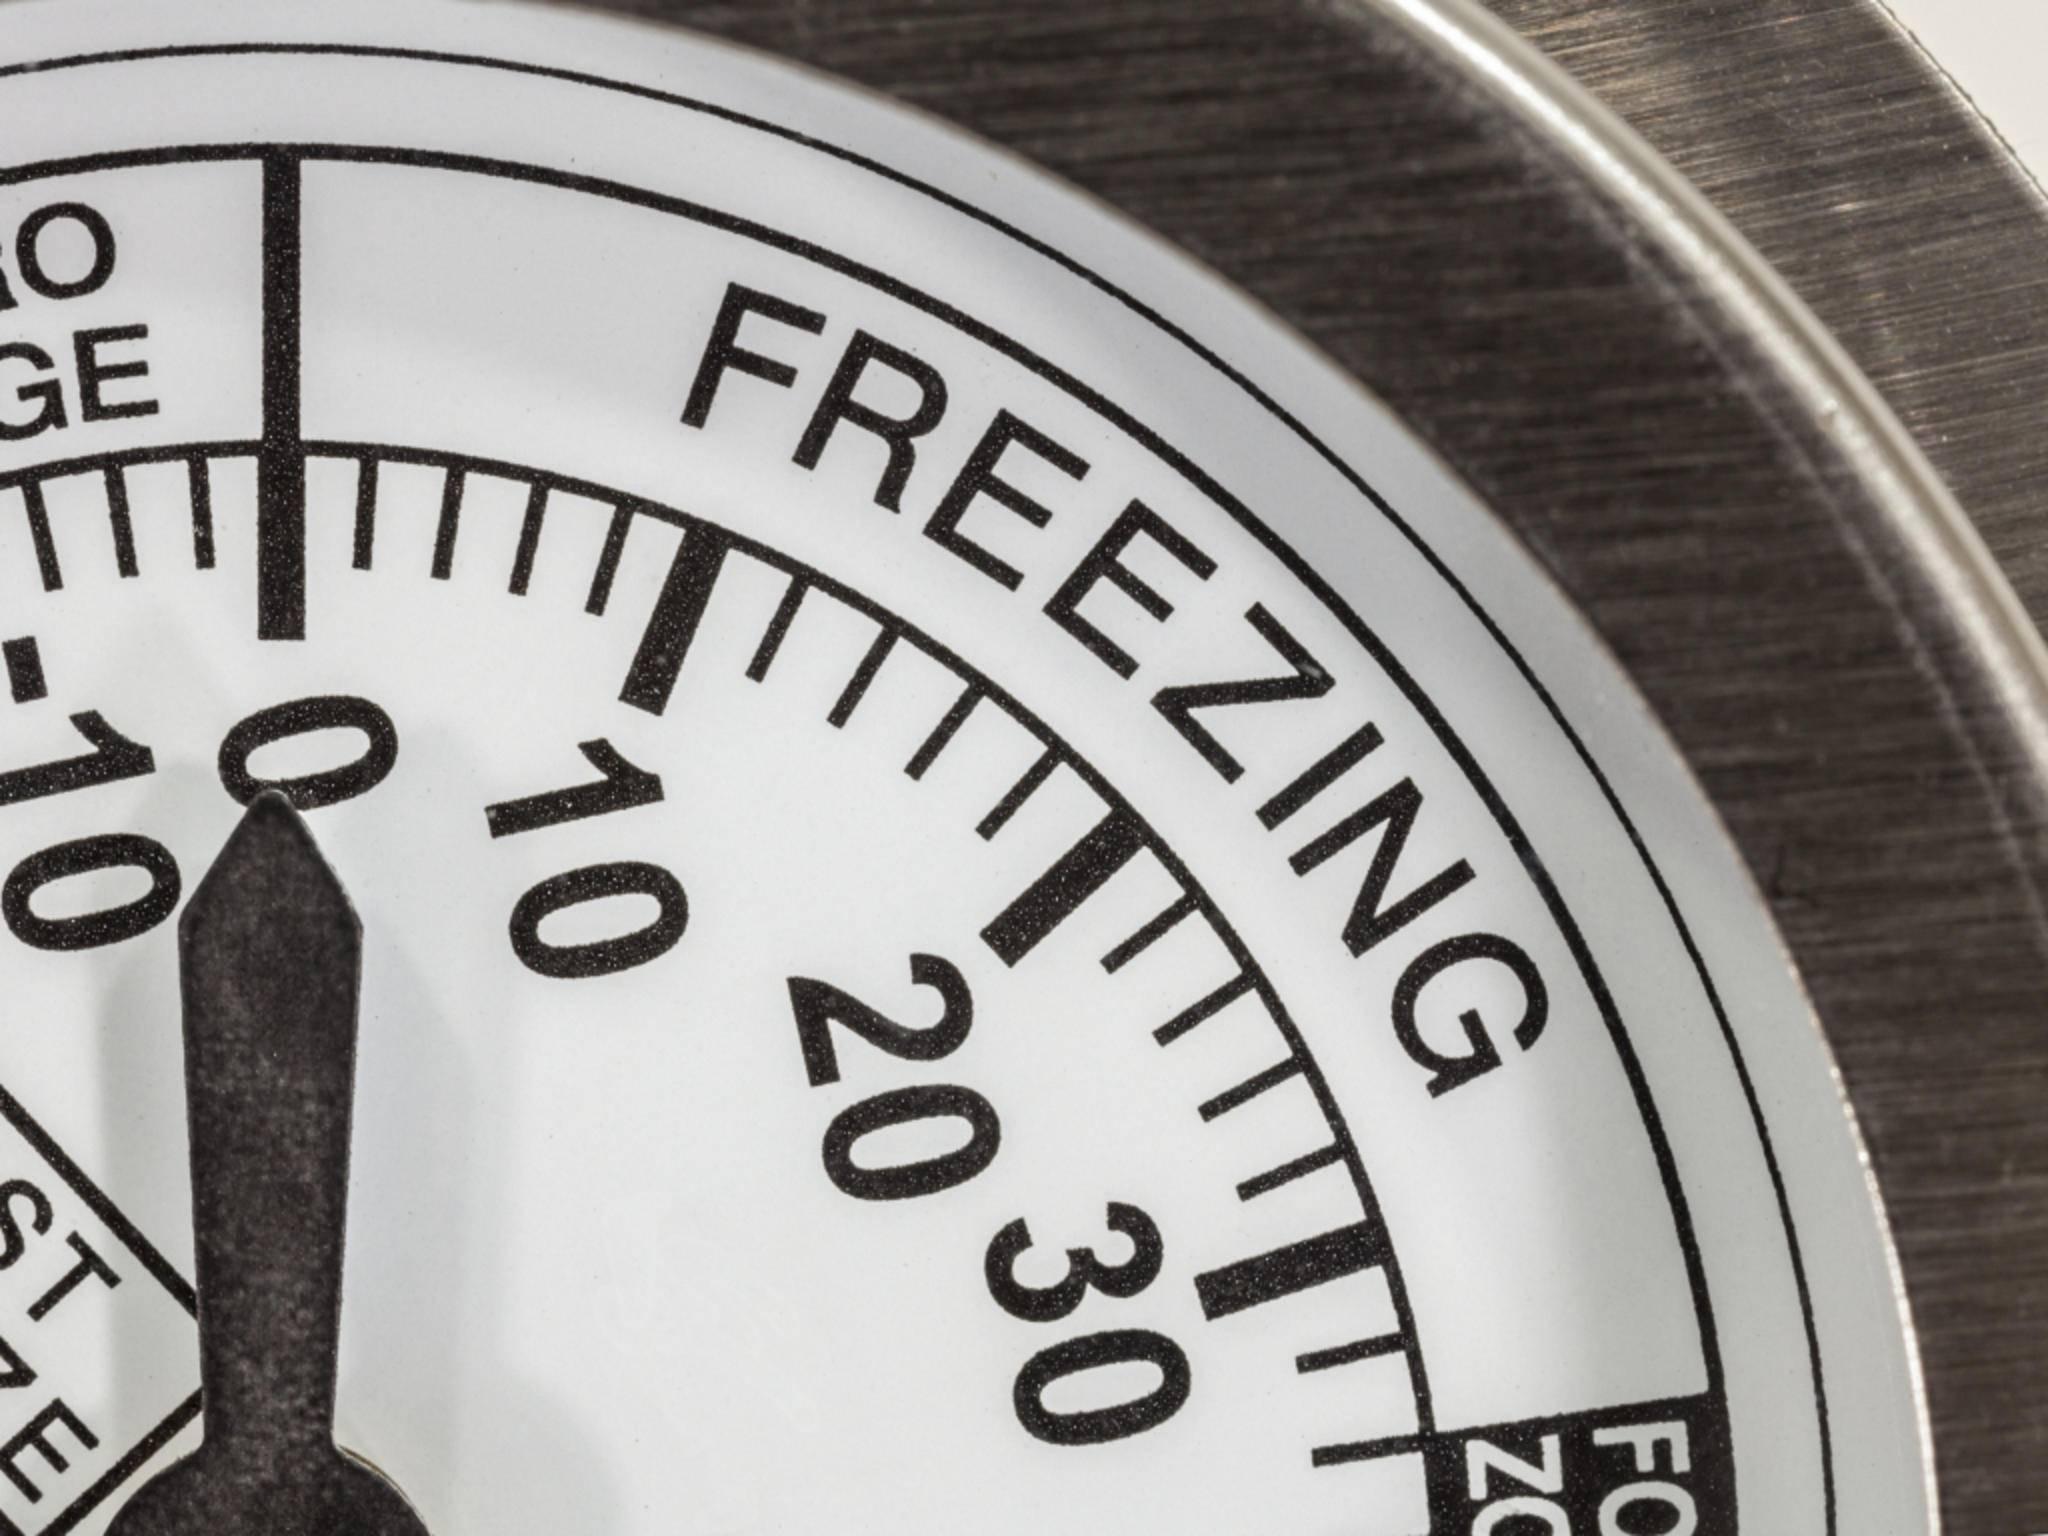 Wer regelmäßig den Kühlschrank abtaut, spart auf Dauer Energie.